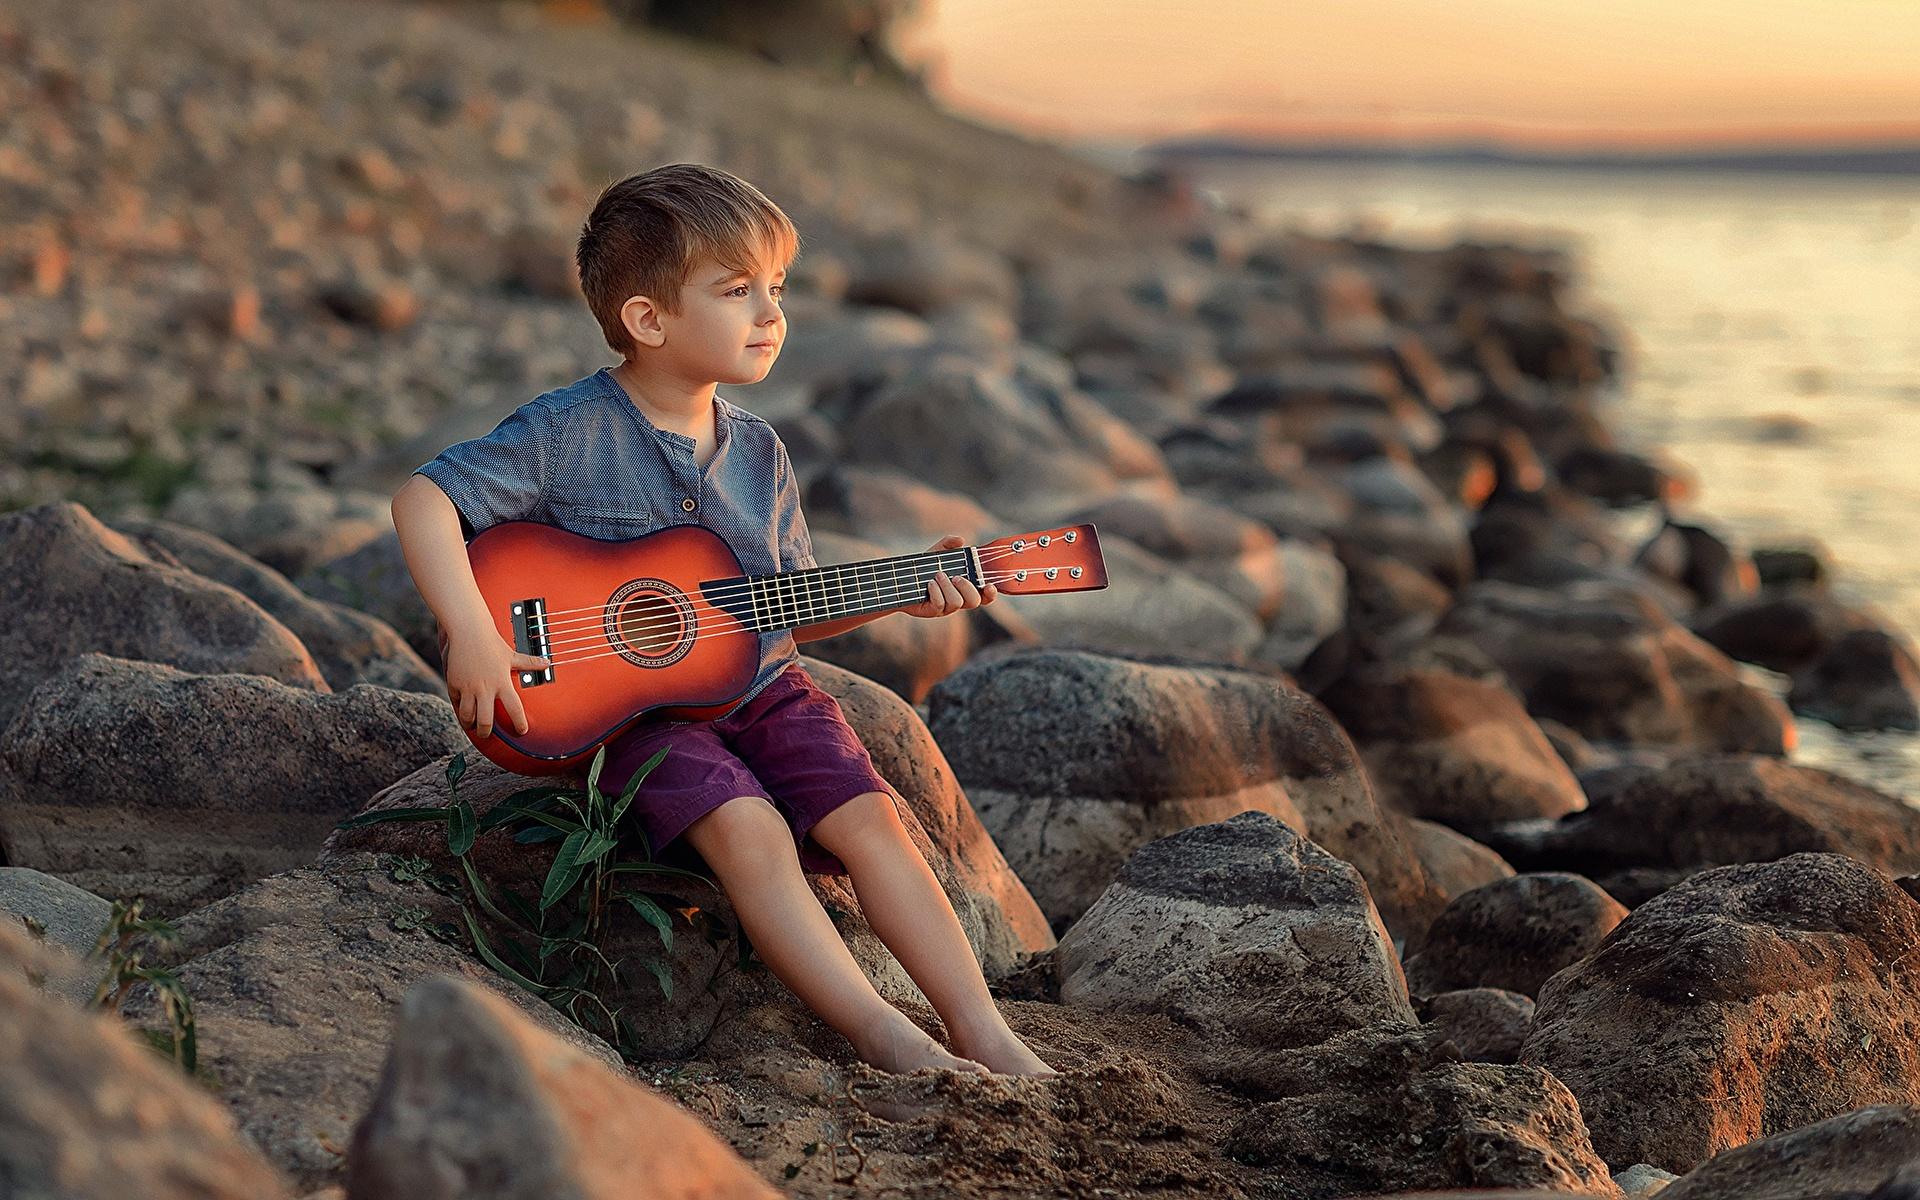 Fotos von Junge Gitarre Victoria Dubrovskaya Kinder Steine Sitzend 1920x1200